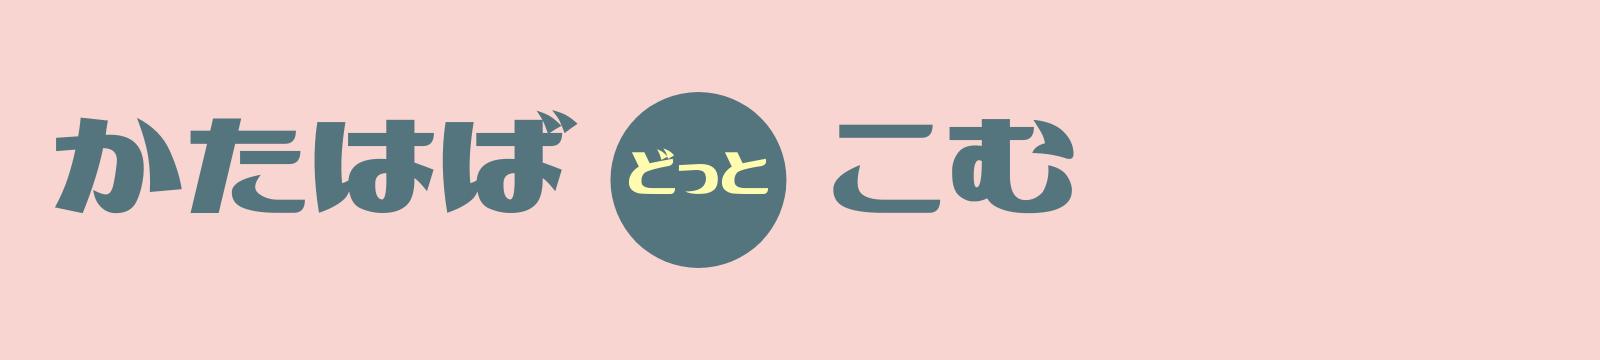 かたはば.com